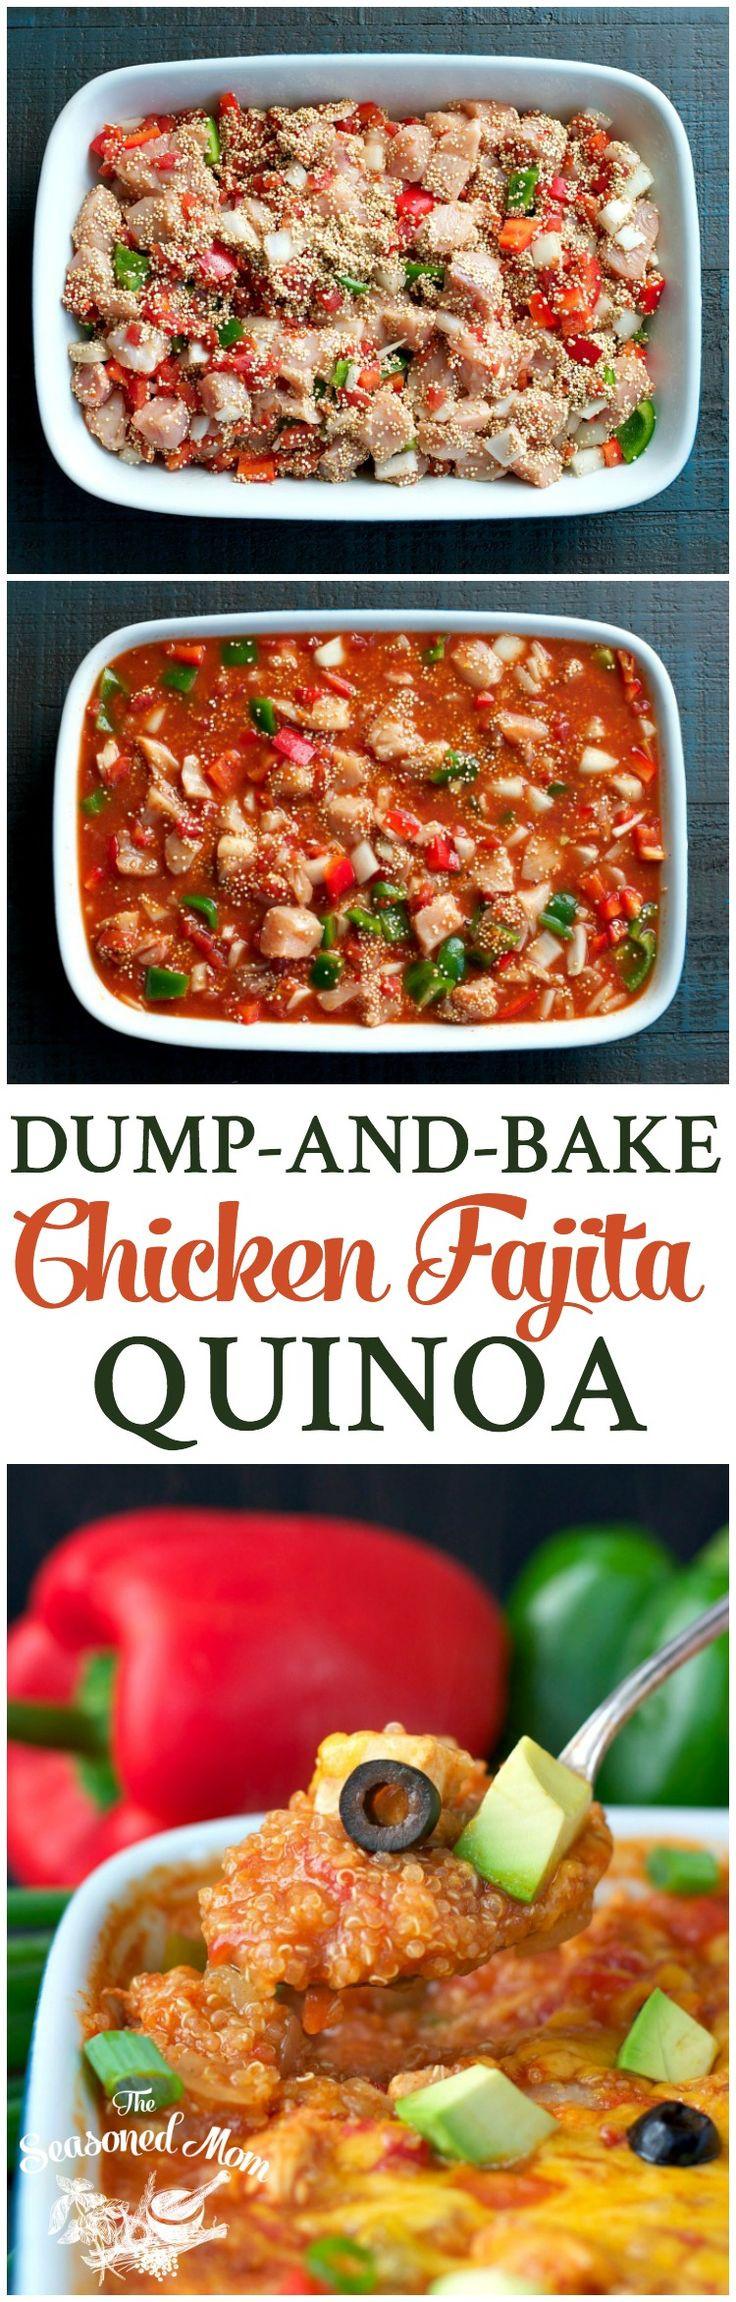 Healthy Chicken Fajita Casserole  1000 ideas about Chicken Fajita Casserole on Pinterest